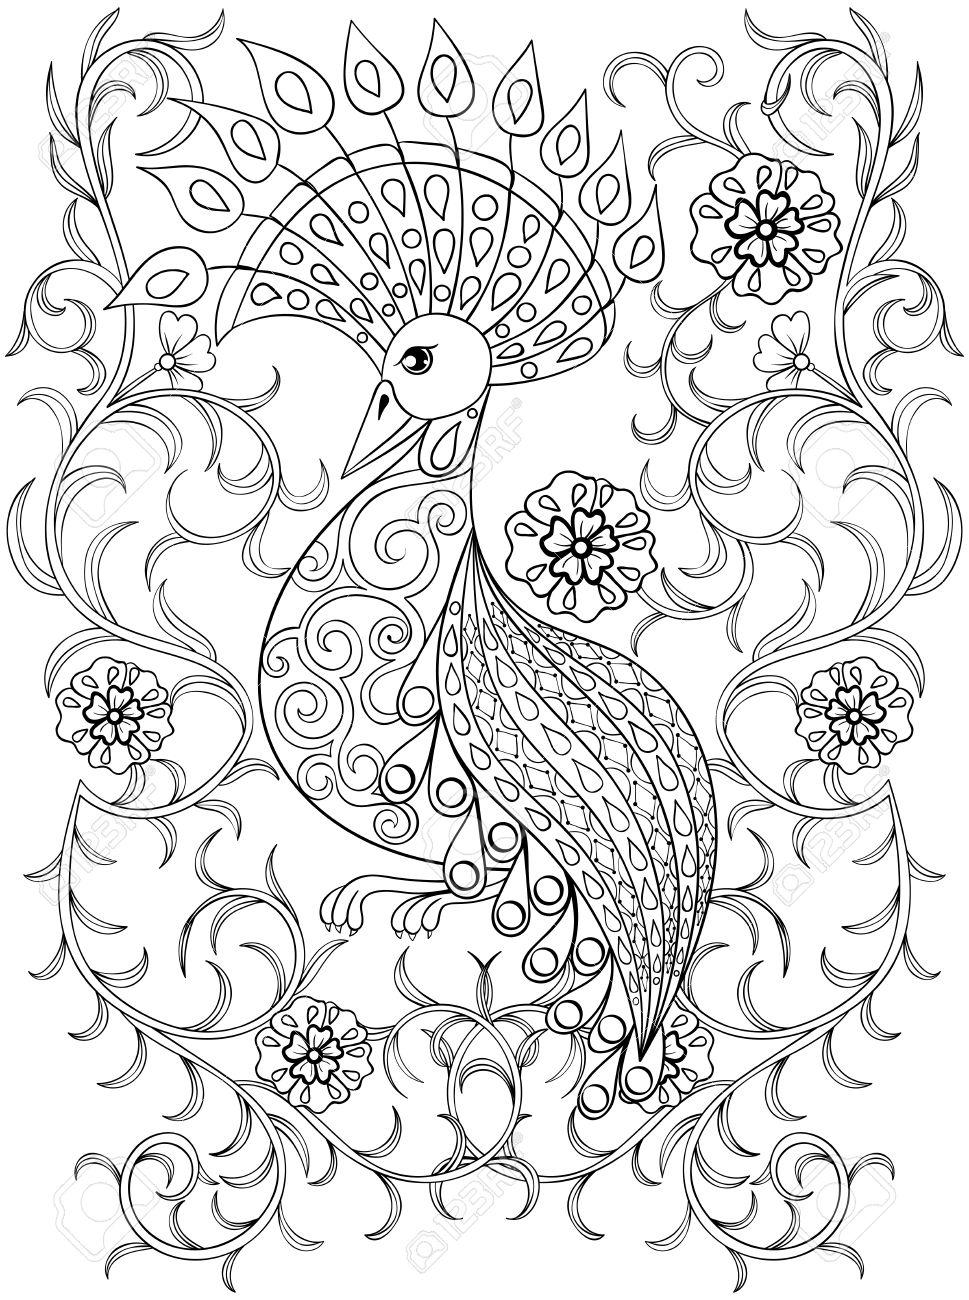 鳥と花のぬりえ大人のぬりえ Zentangle Illustartion 鳥は書籍や高詳細